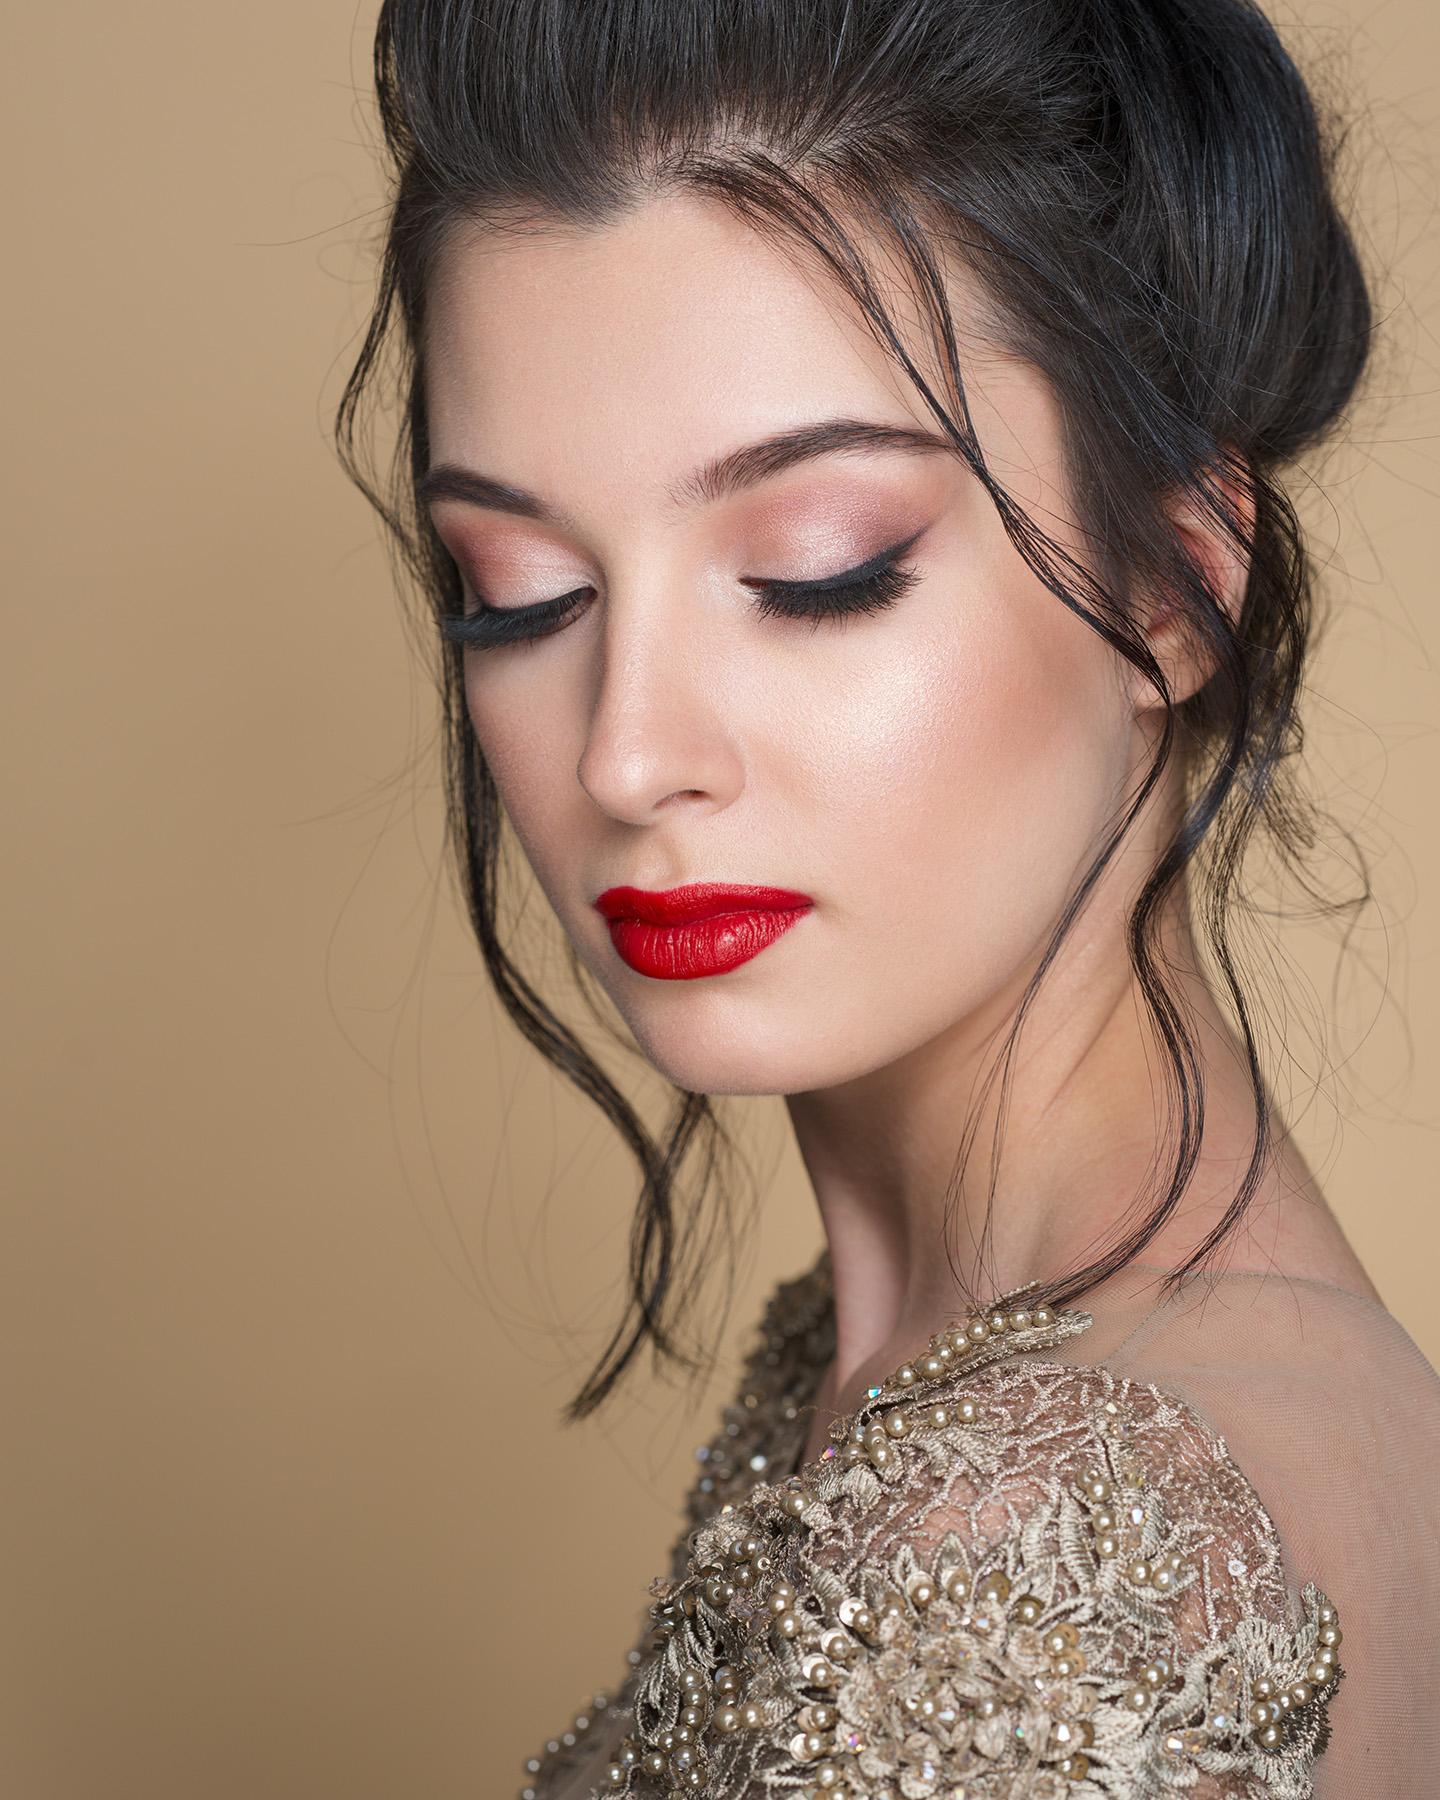 Best Permanent Makeup Artist In